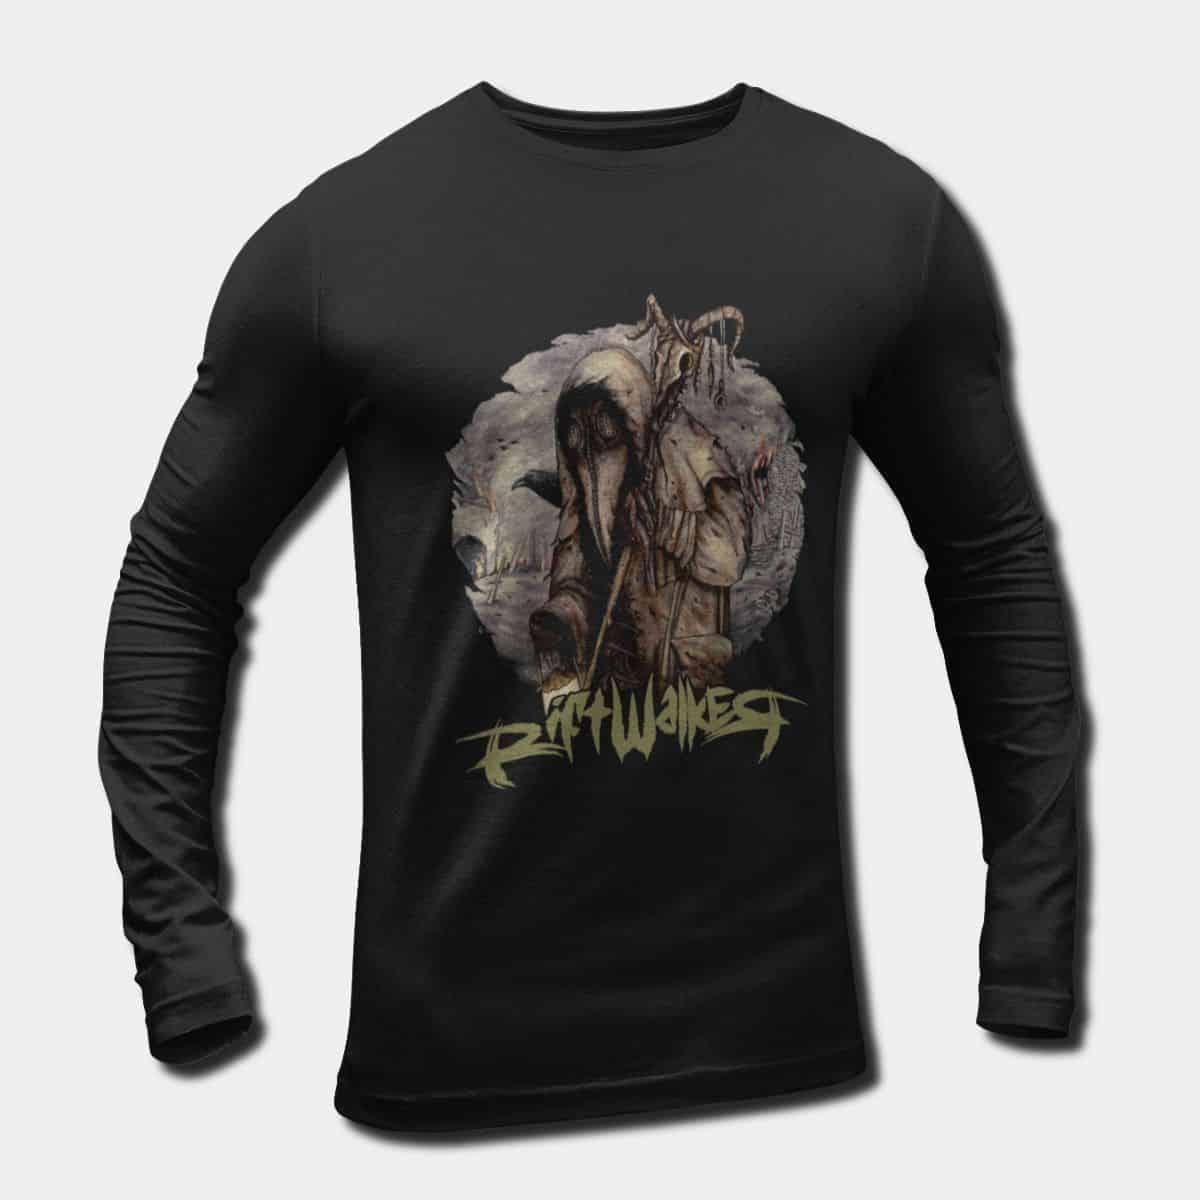 2e6605151 Rift Walker Long Sleeve T-Shirt, Imagine Music Aeterna Rift Walker Artwork  Longsleeve Tee Merch